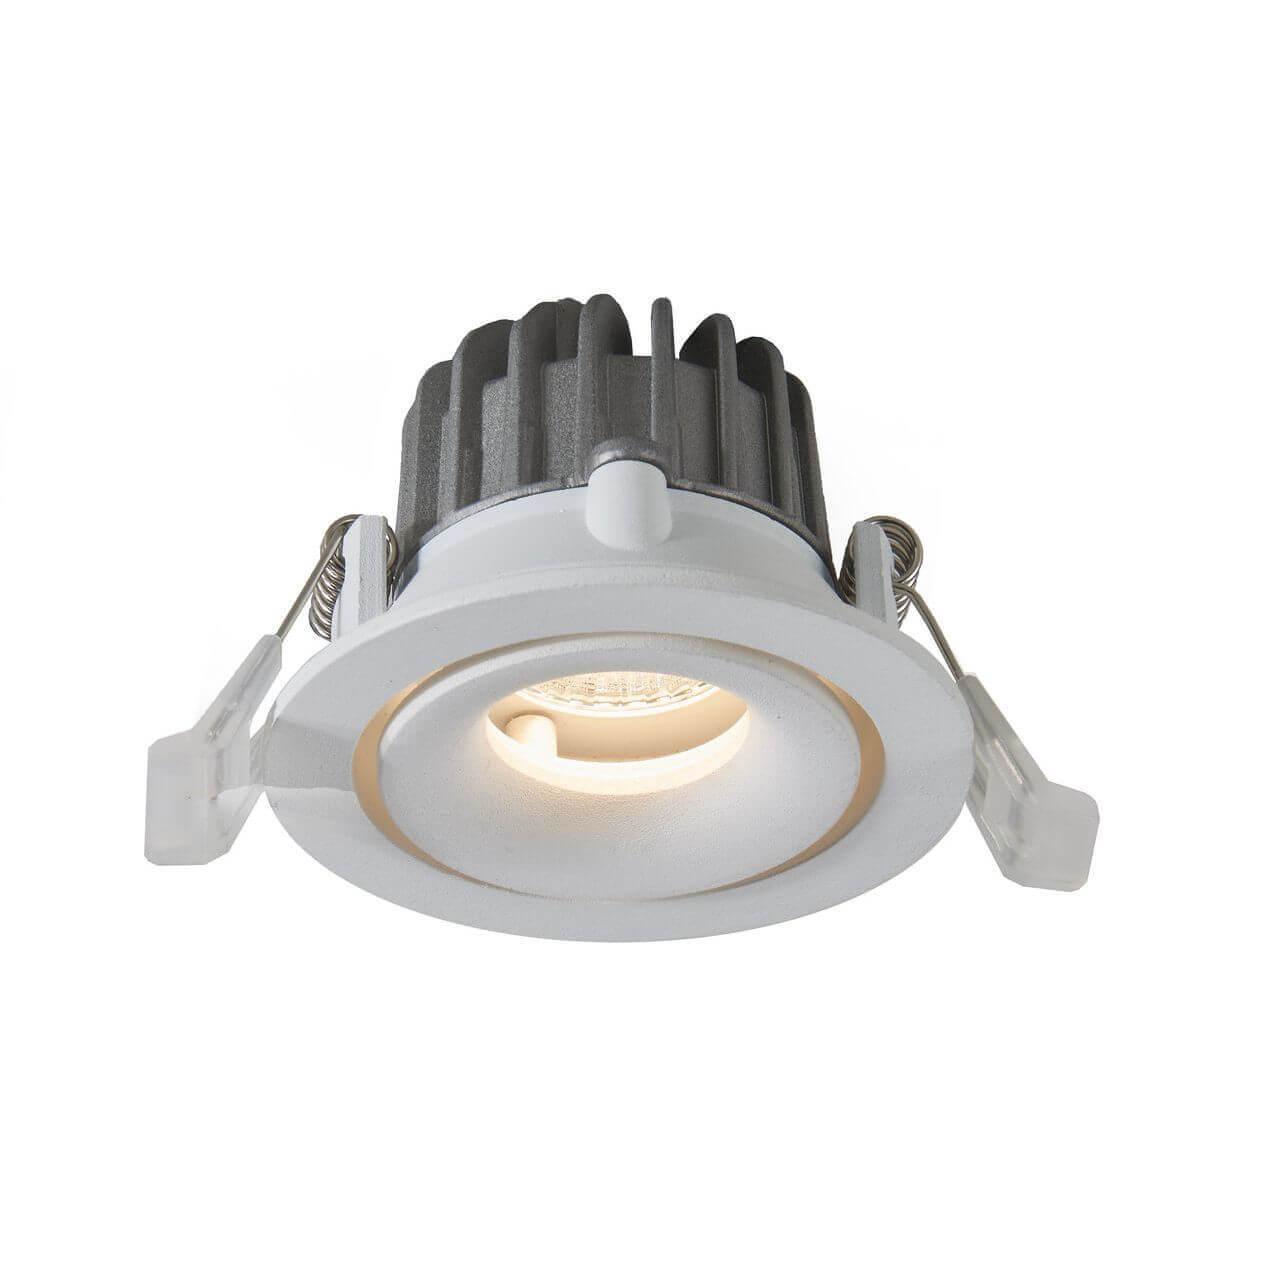 Встраиваемый светодиодный светильник Arte Lamp Apertura A3307PL-1WH встраиваемый светодиодный светильник arte lamp apertura a3315pl 1wh